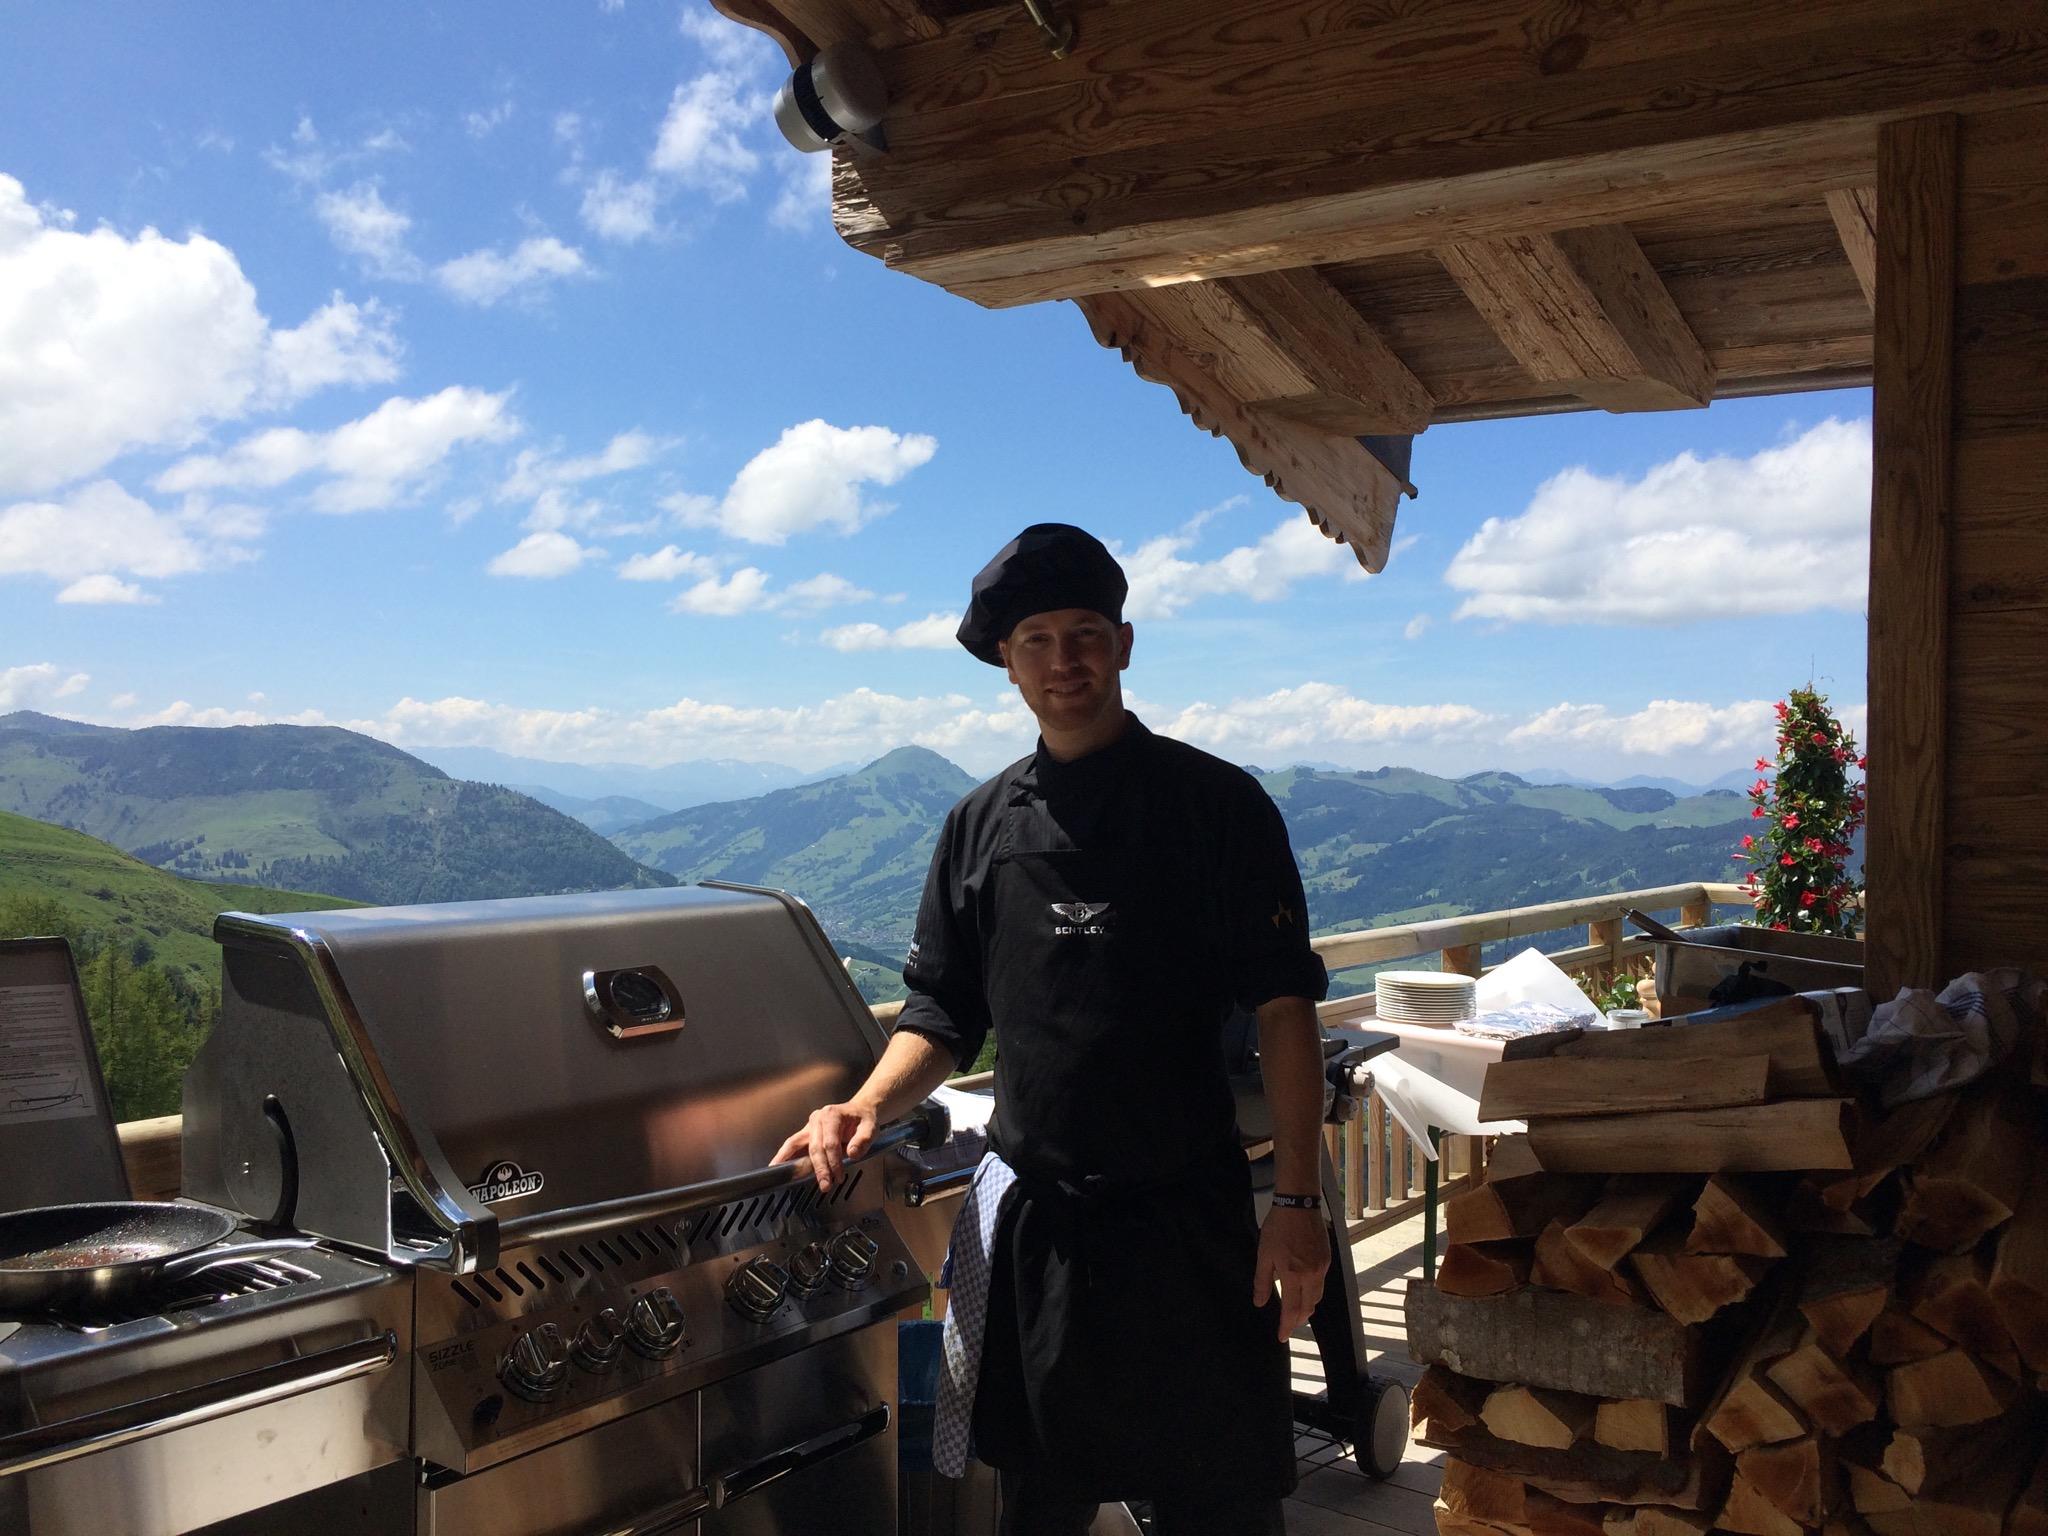 Cuisine-Lifestyle - Sascha Zellinger beim Grillen mit Aussicht/Berglandschaft